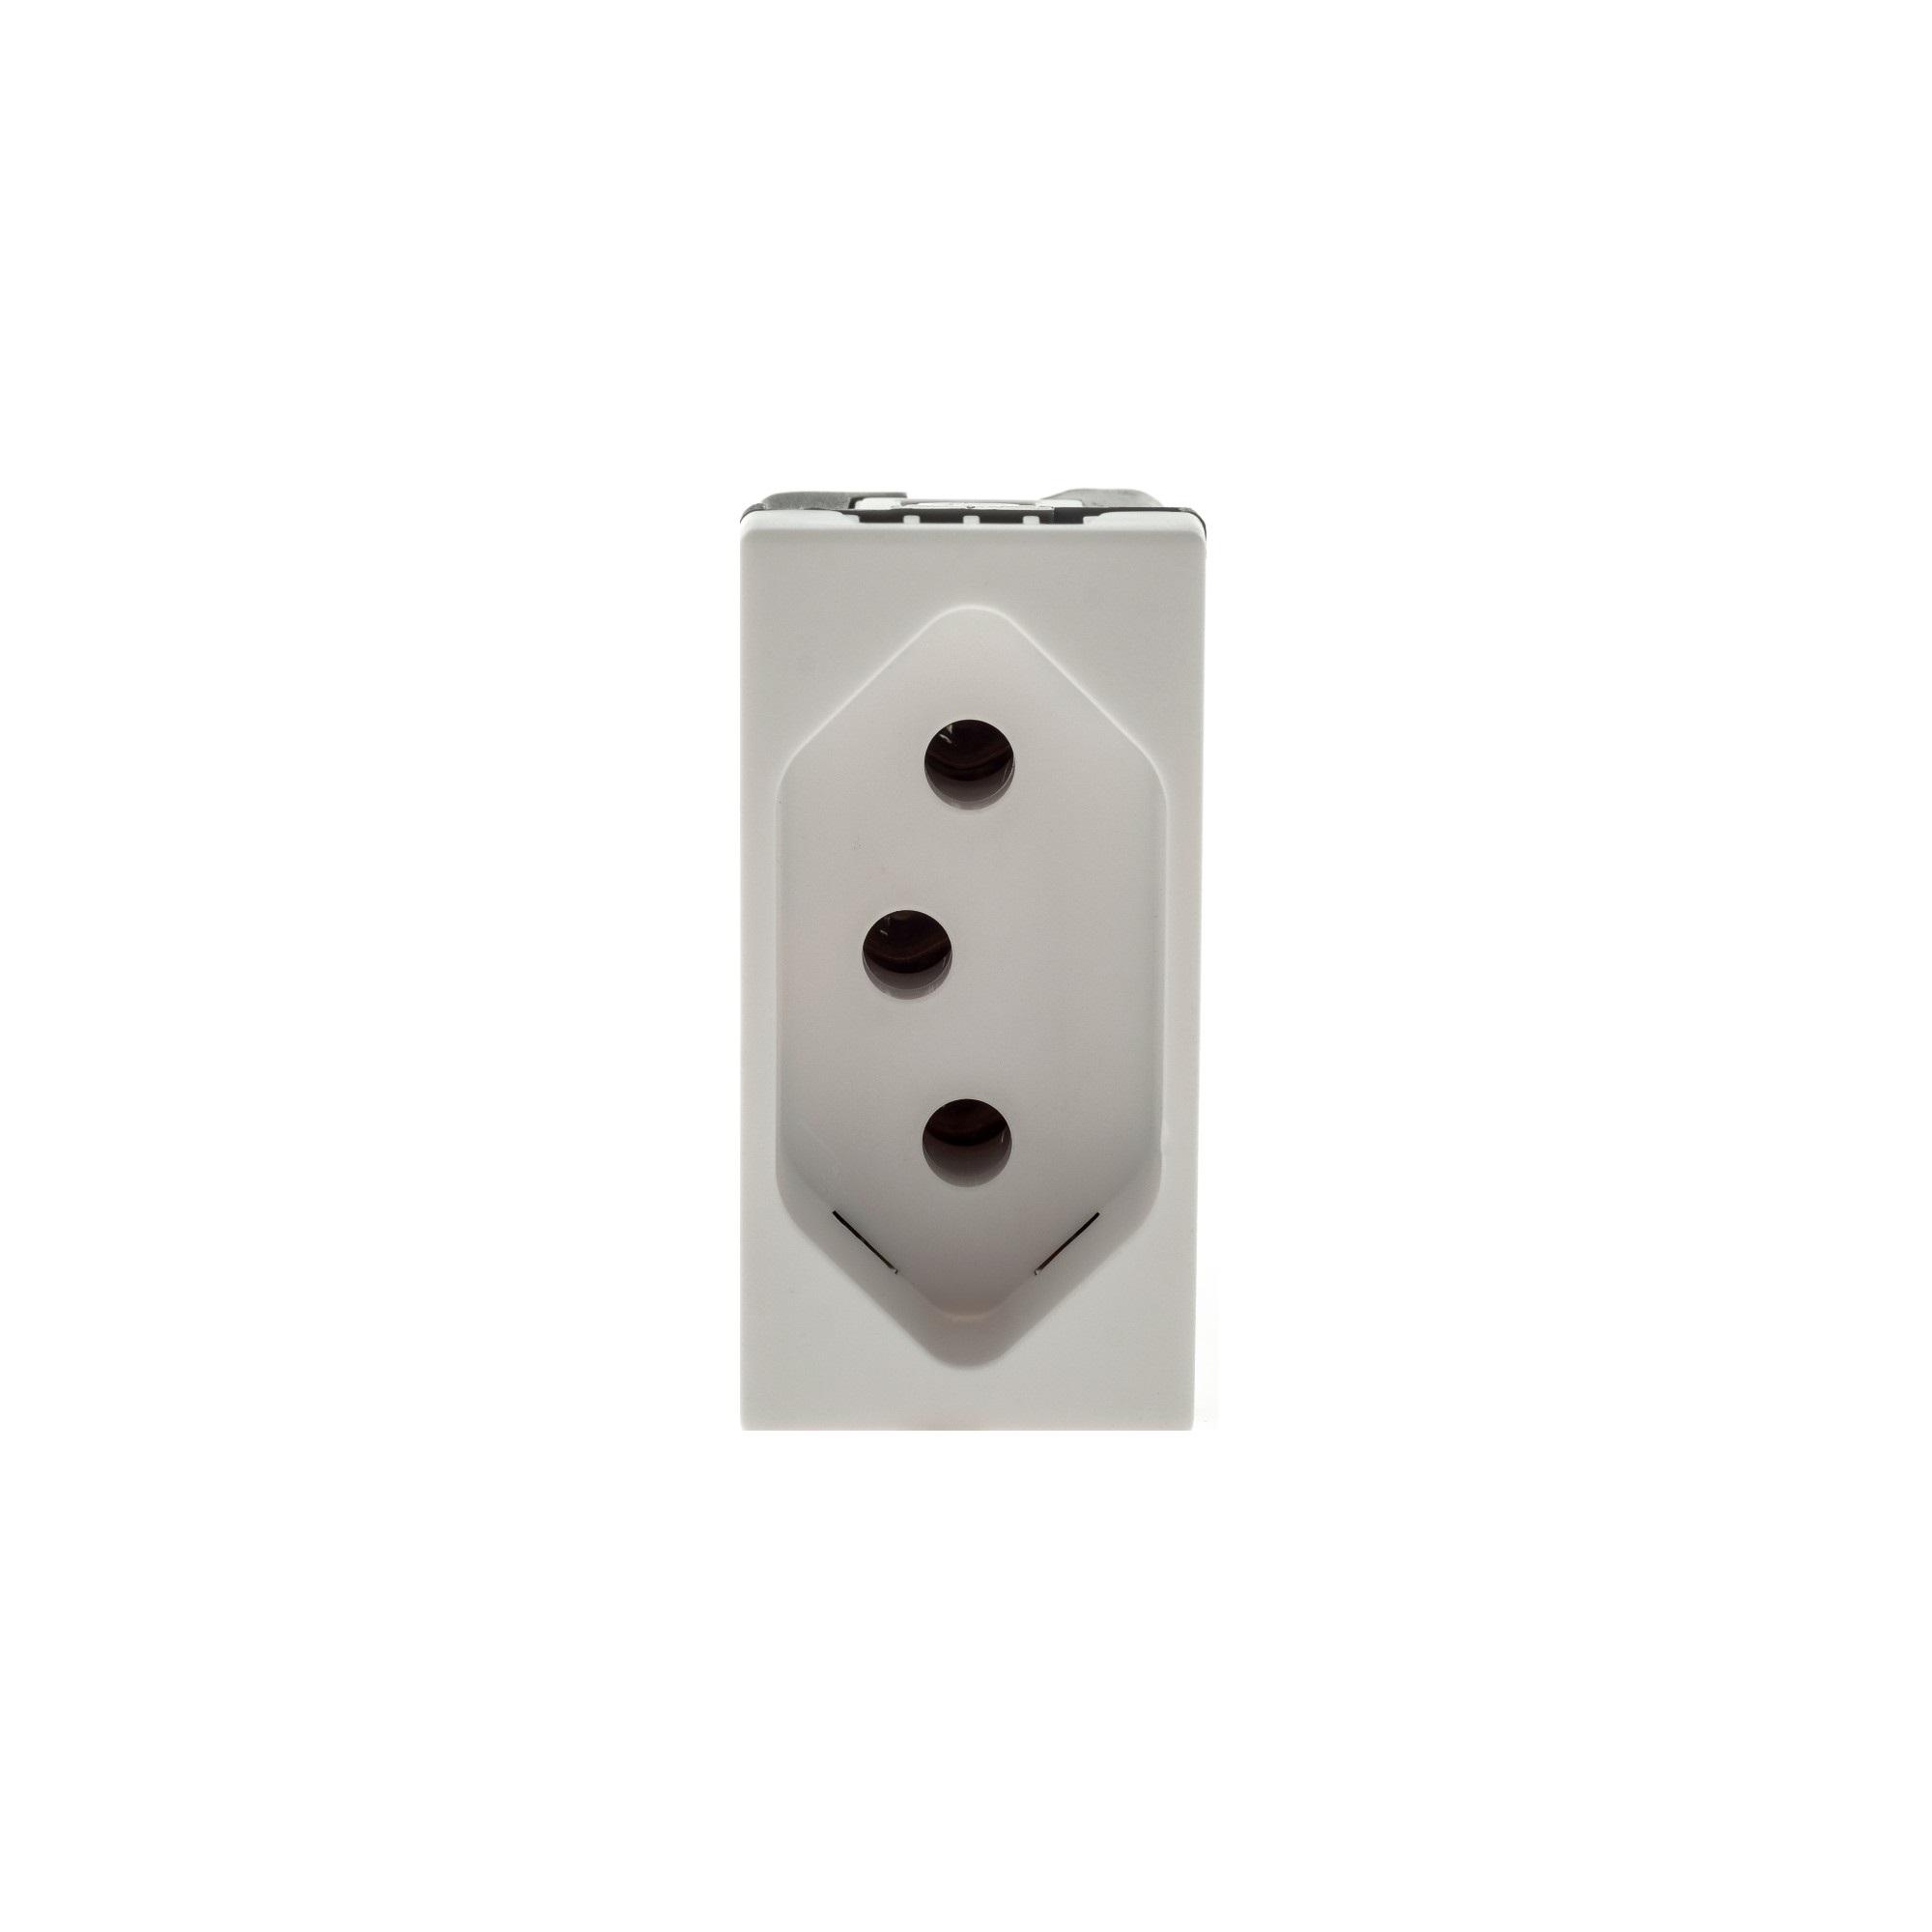 Modulo de Tomada de Energia 1 Modulo 2P T 10A Branco - Pial Plus - Legrand